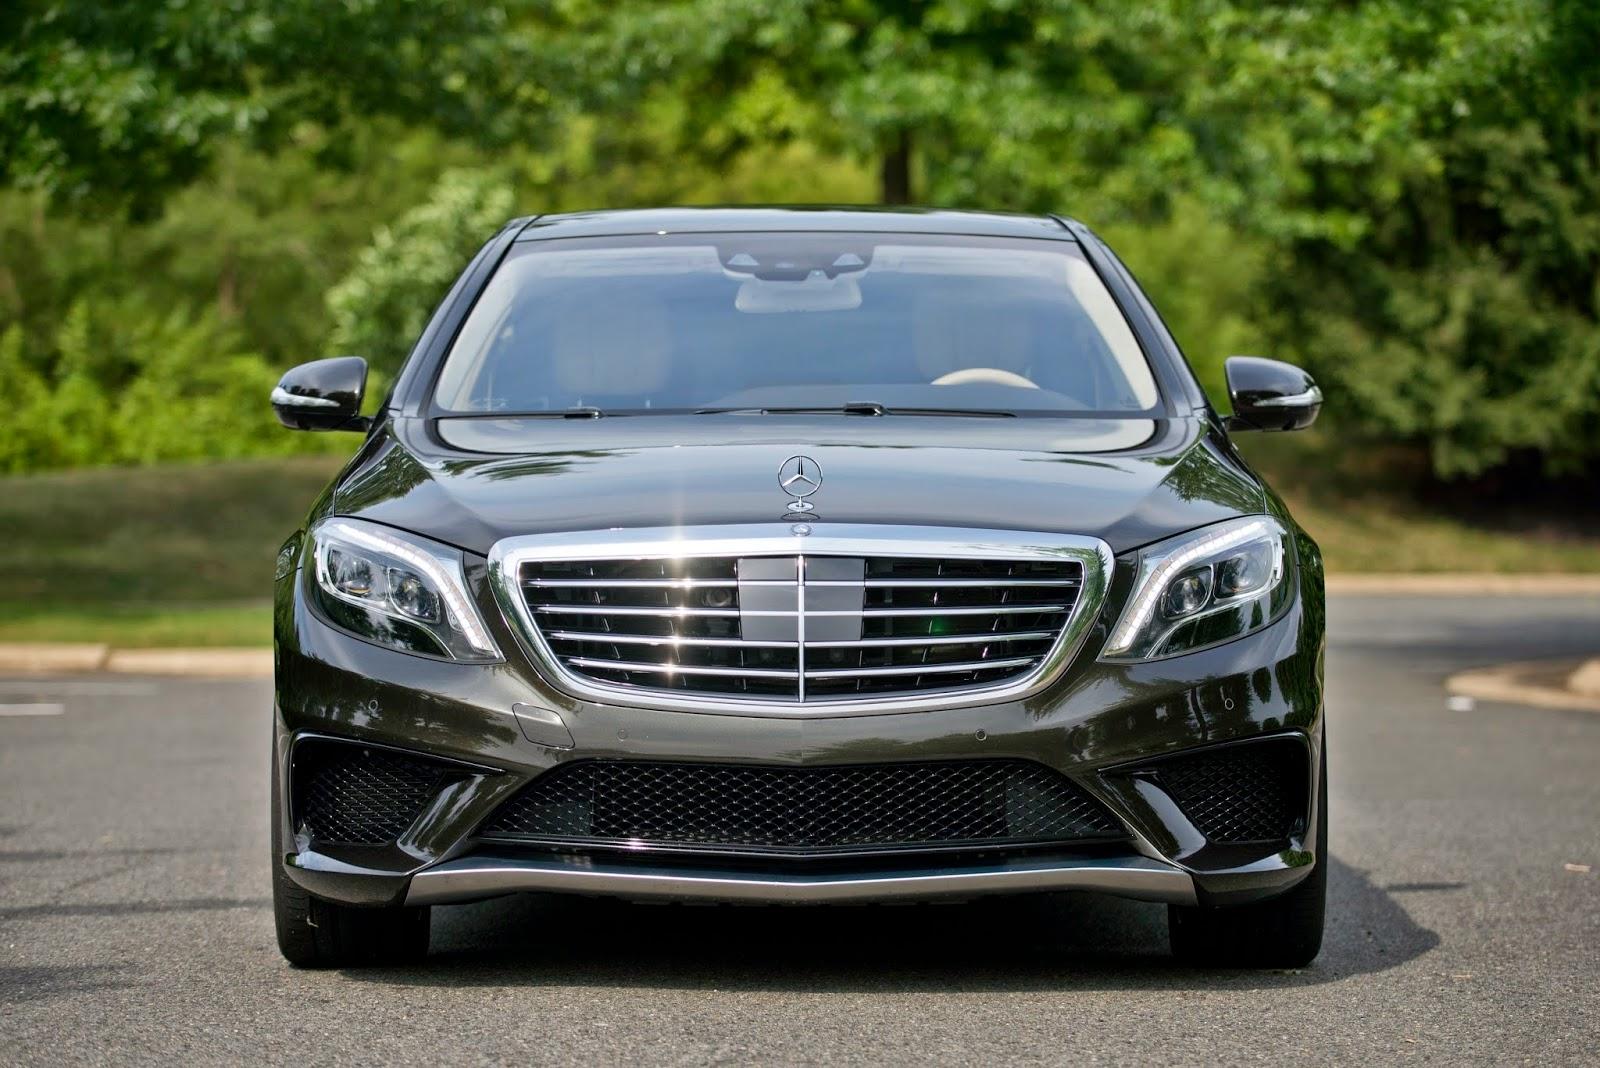 Automotiveblogz 2014 mercedes benz s63 amg 4matic sedan for Mercedes benz s63 2014